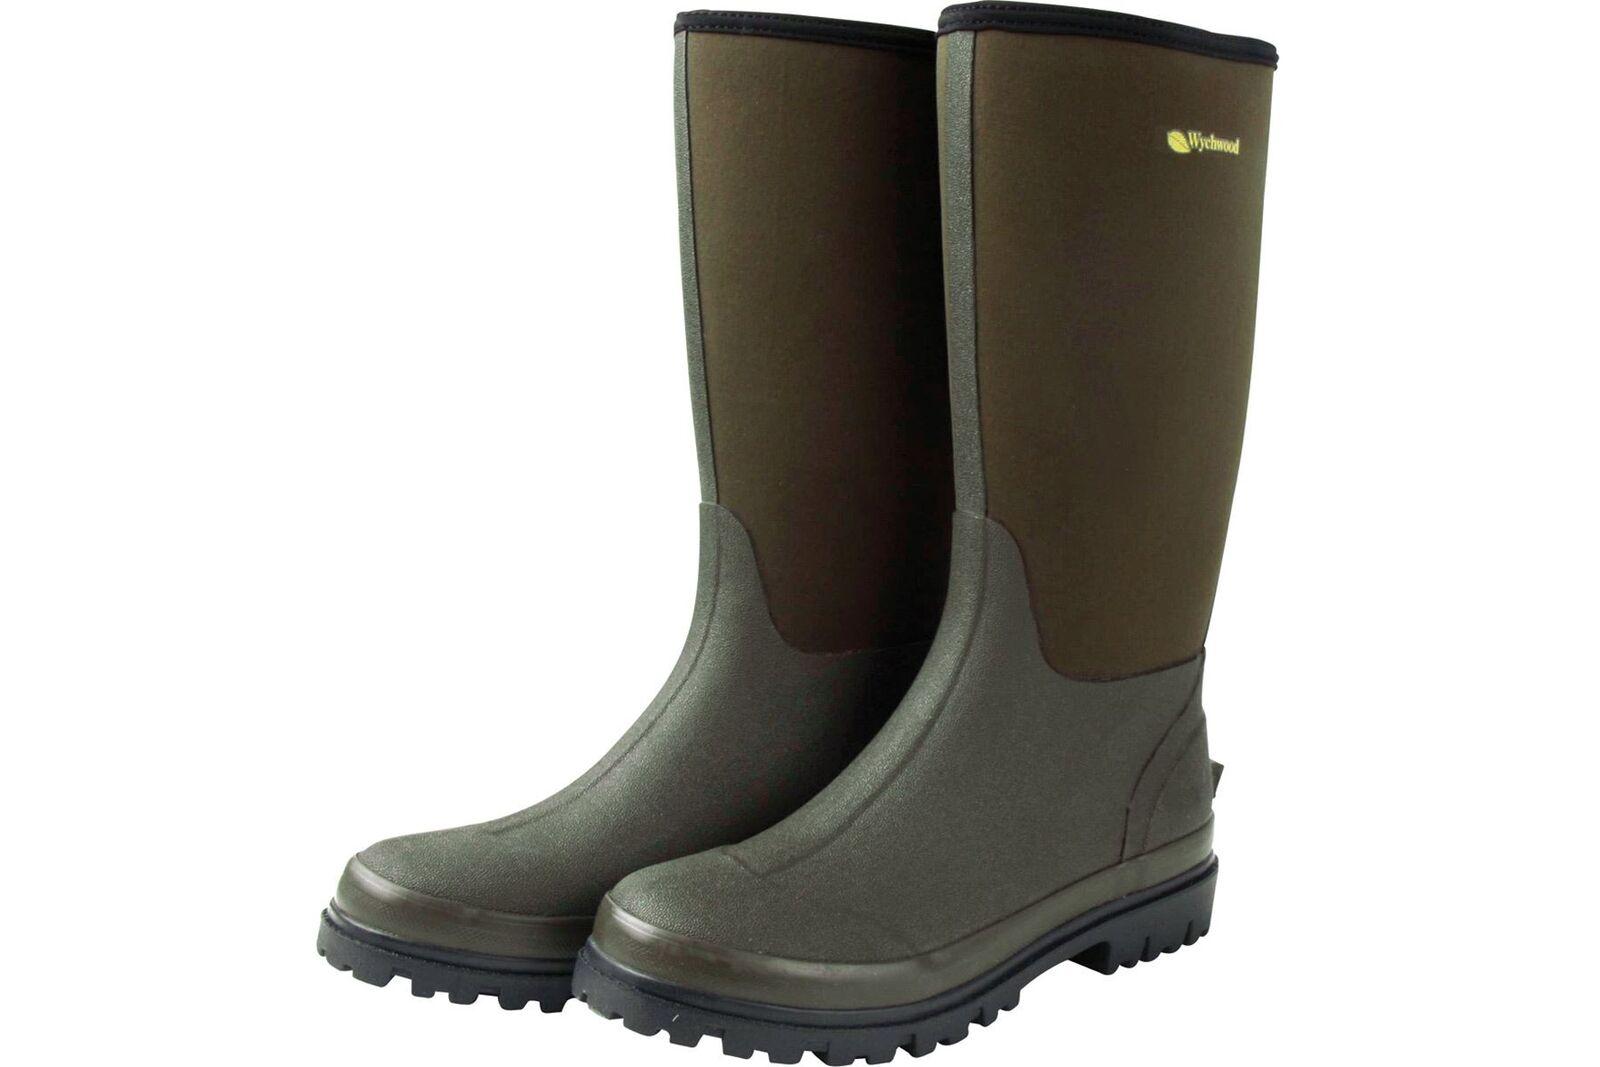 Wychwood Neoprene 3 4 Wellington Boots